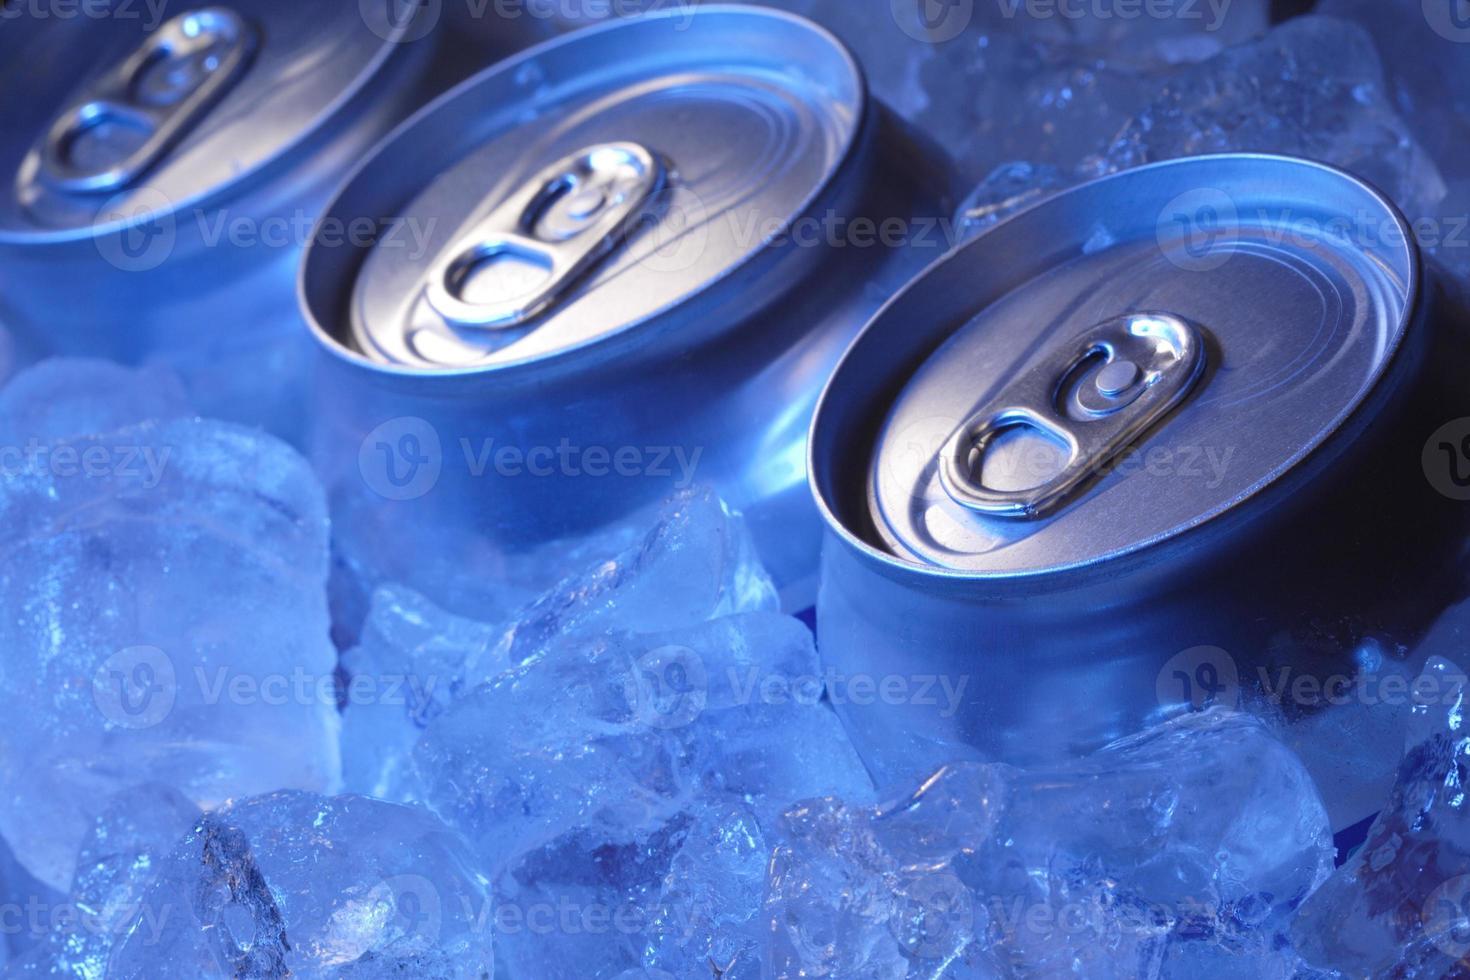 canette de bière dans la glace photo